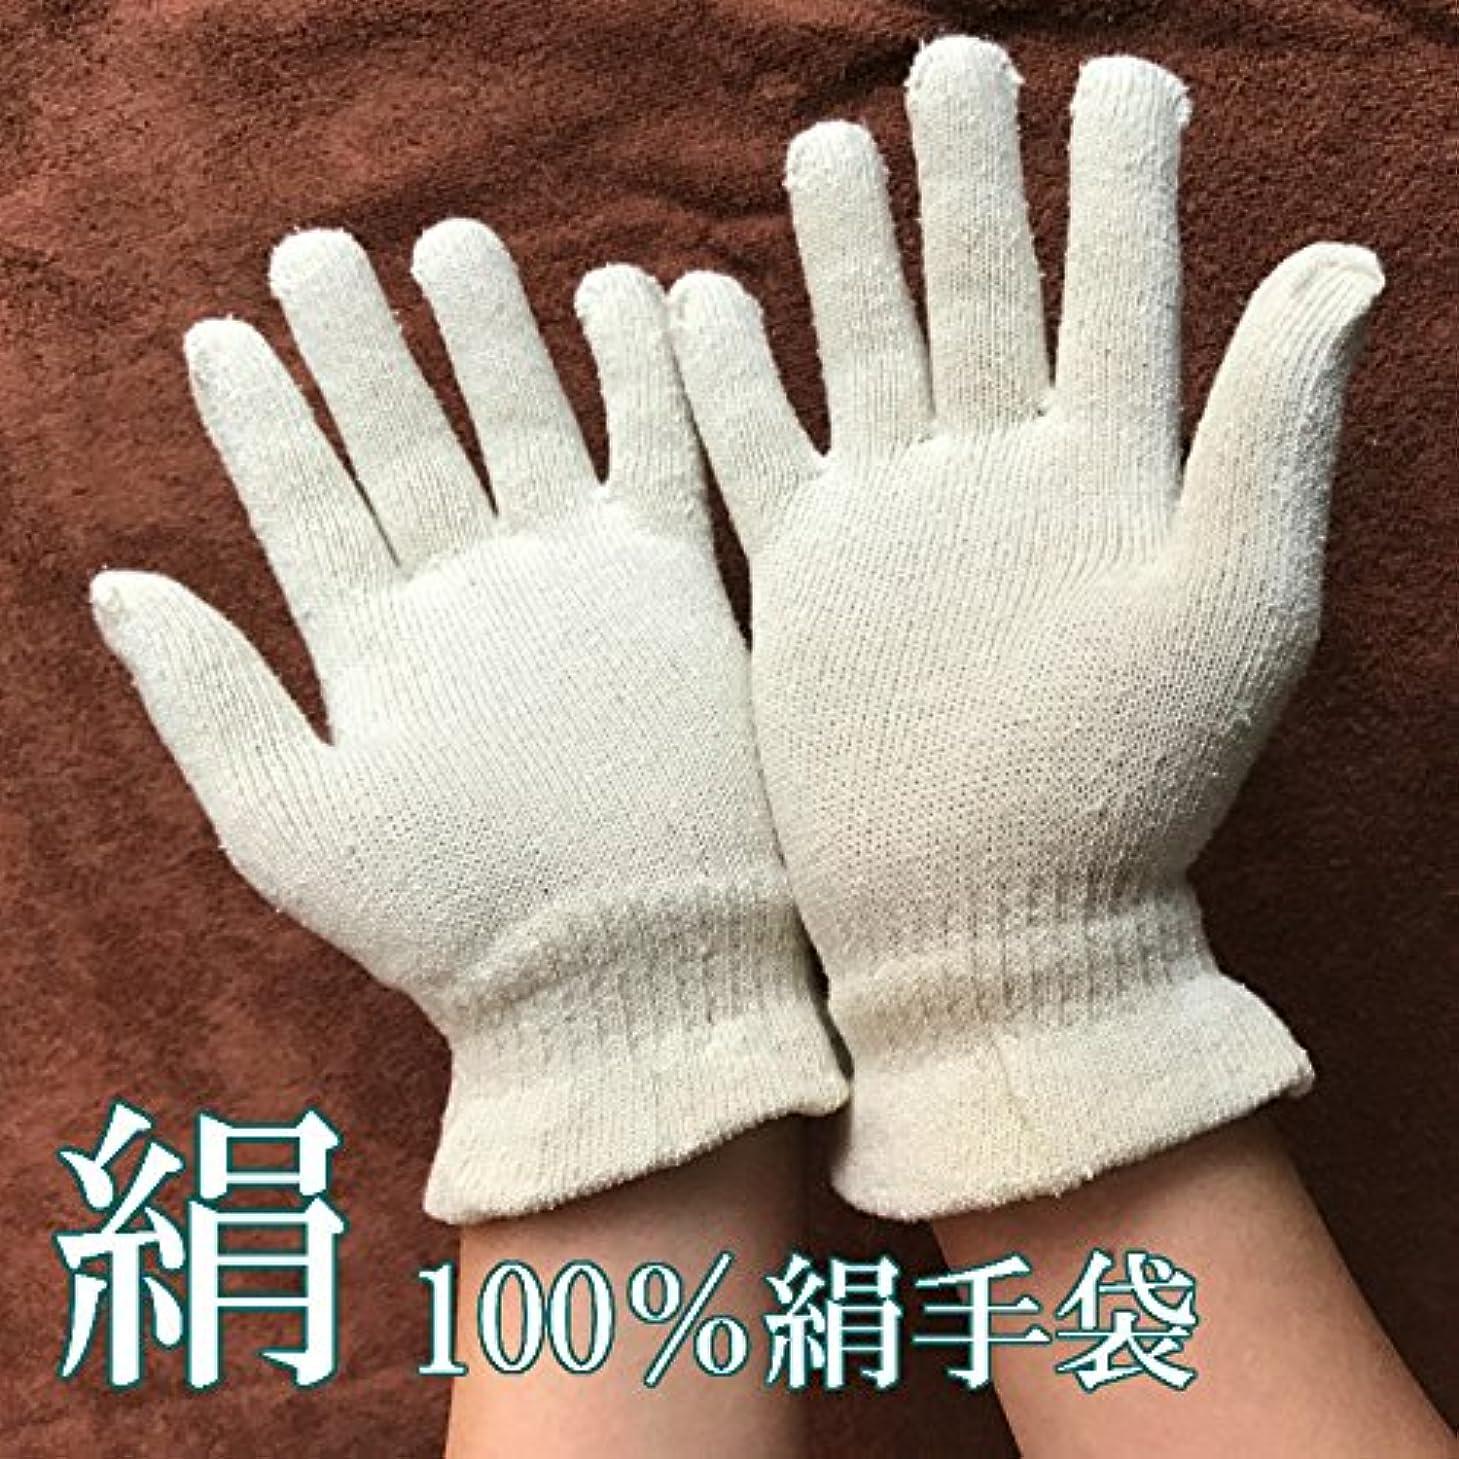 異なるブラシ武装解除絹手袋 シルク手袋 ガルシャナ アーユルヴェーダ